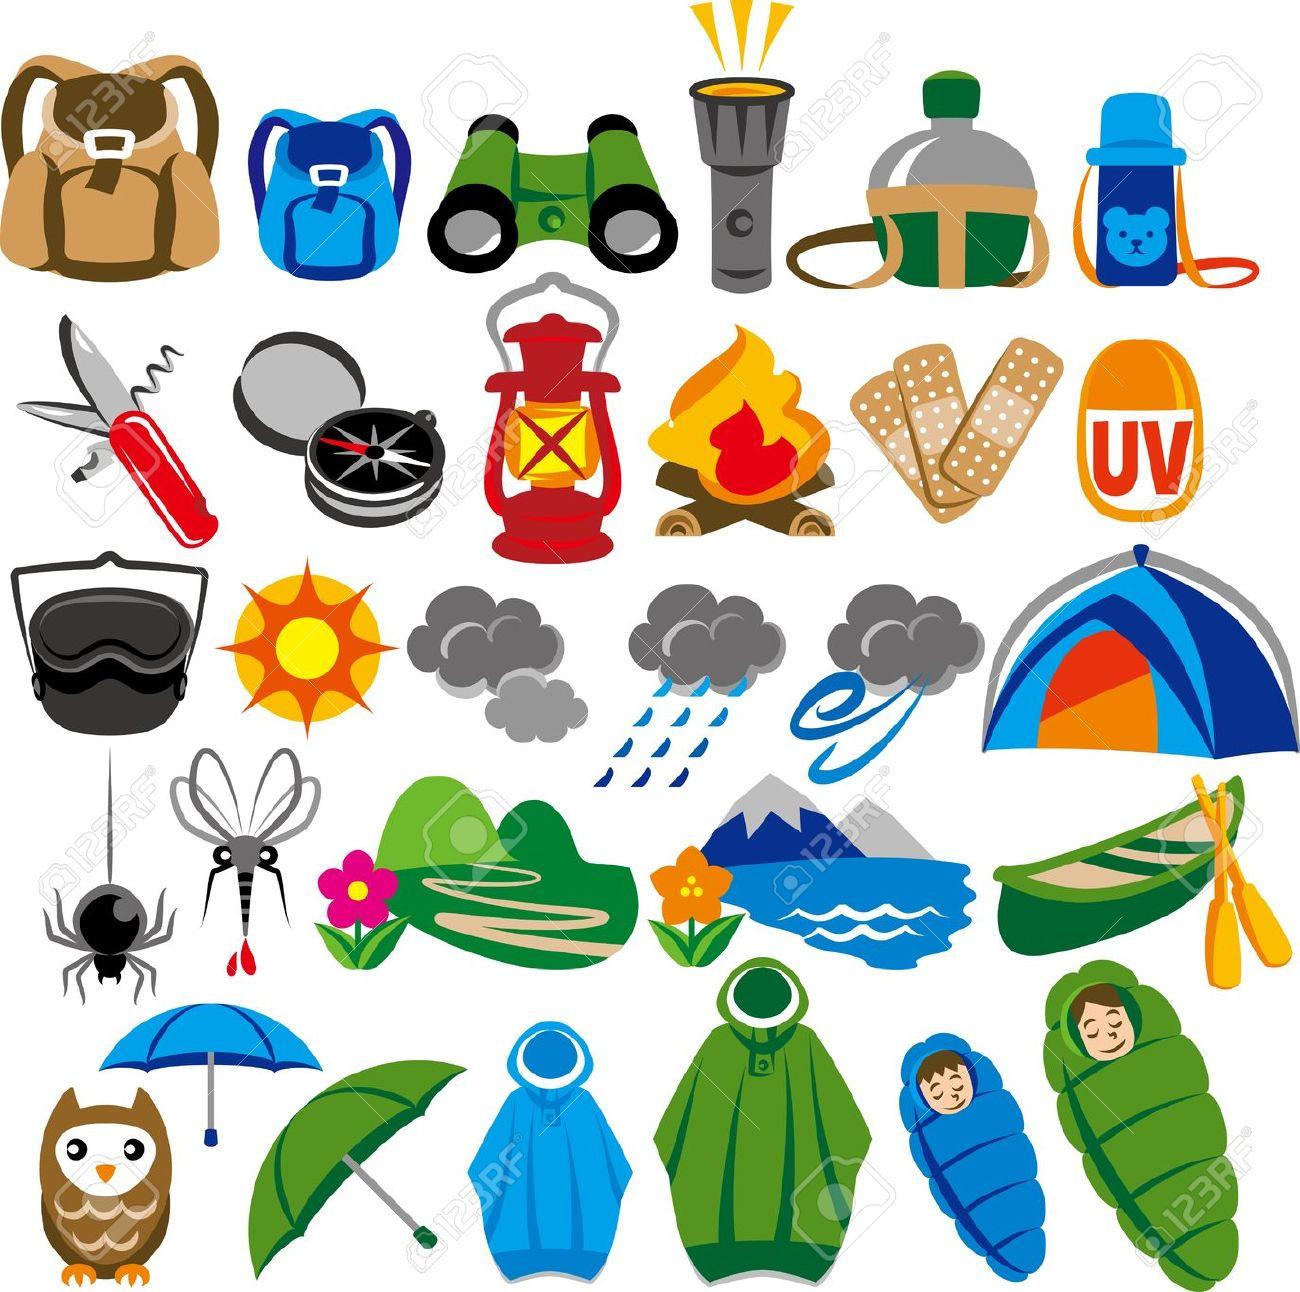 Camping clipart vectors clip art free download Camping Clipart Camp Clipart Stock Vector And Royalty Free - Clip ... clip art free download